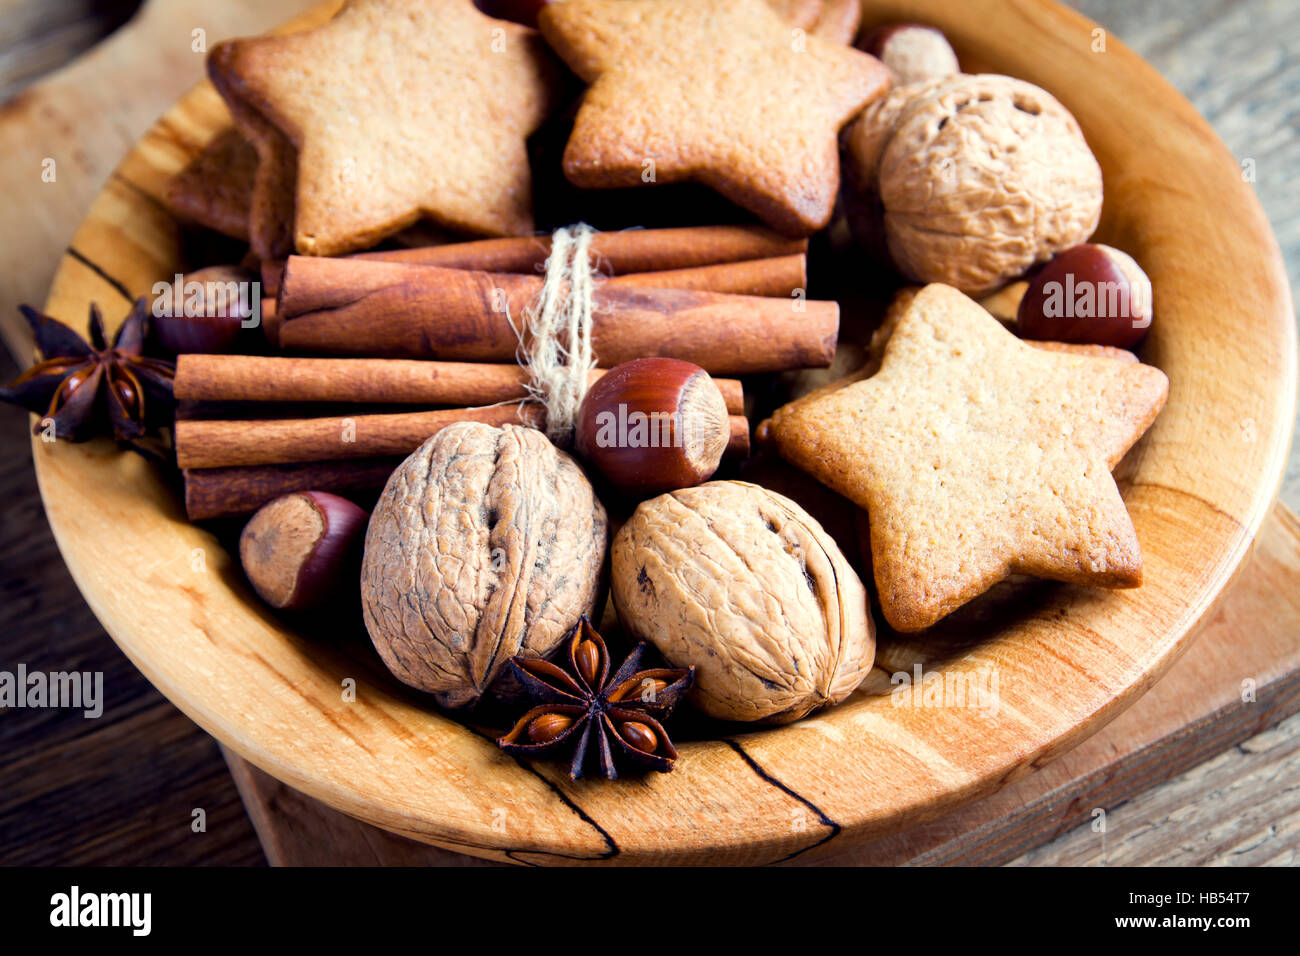 Noël décoration rustique avec gingerbread cookies, noix et épices de Noël sur plaque de bois Photo Stock